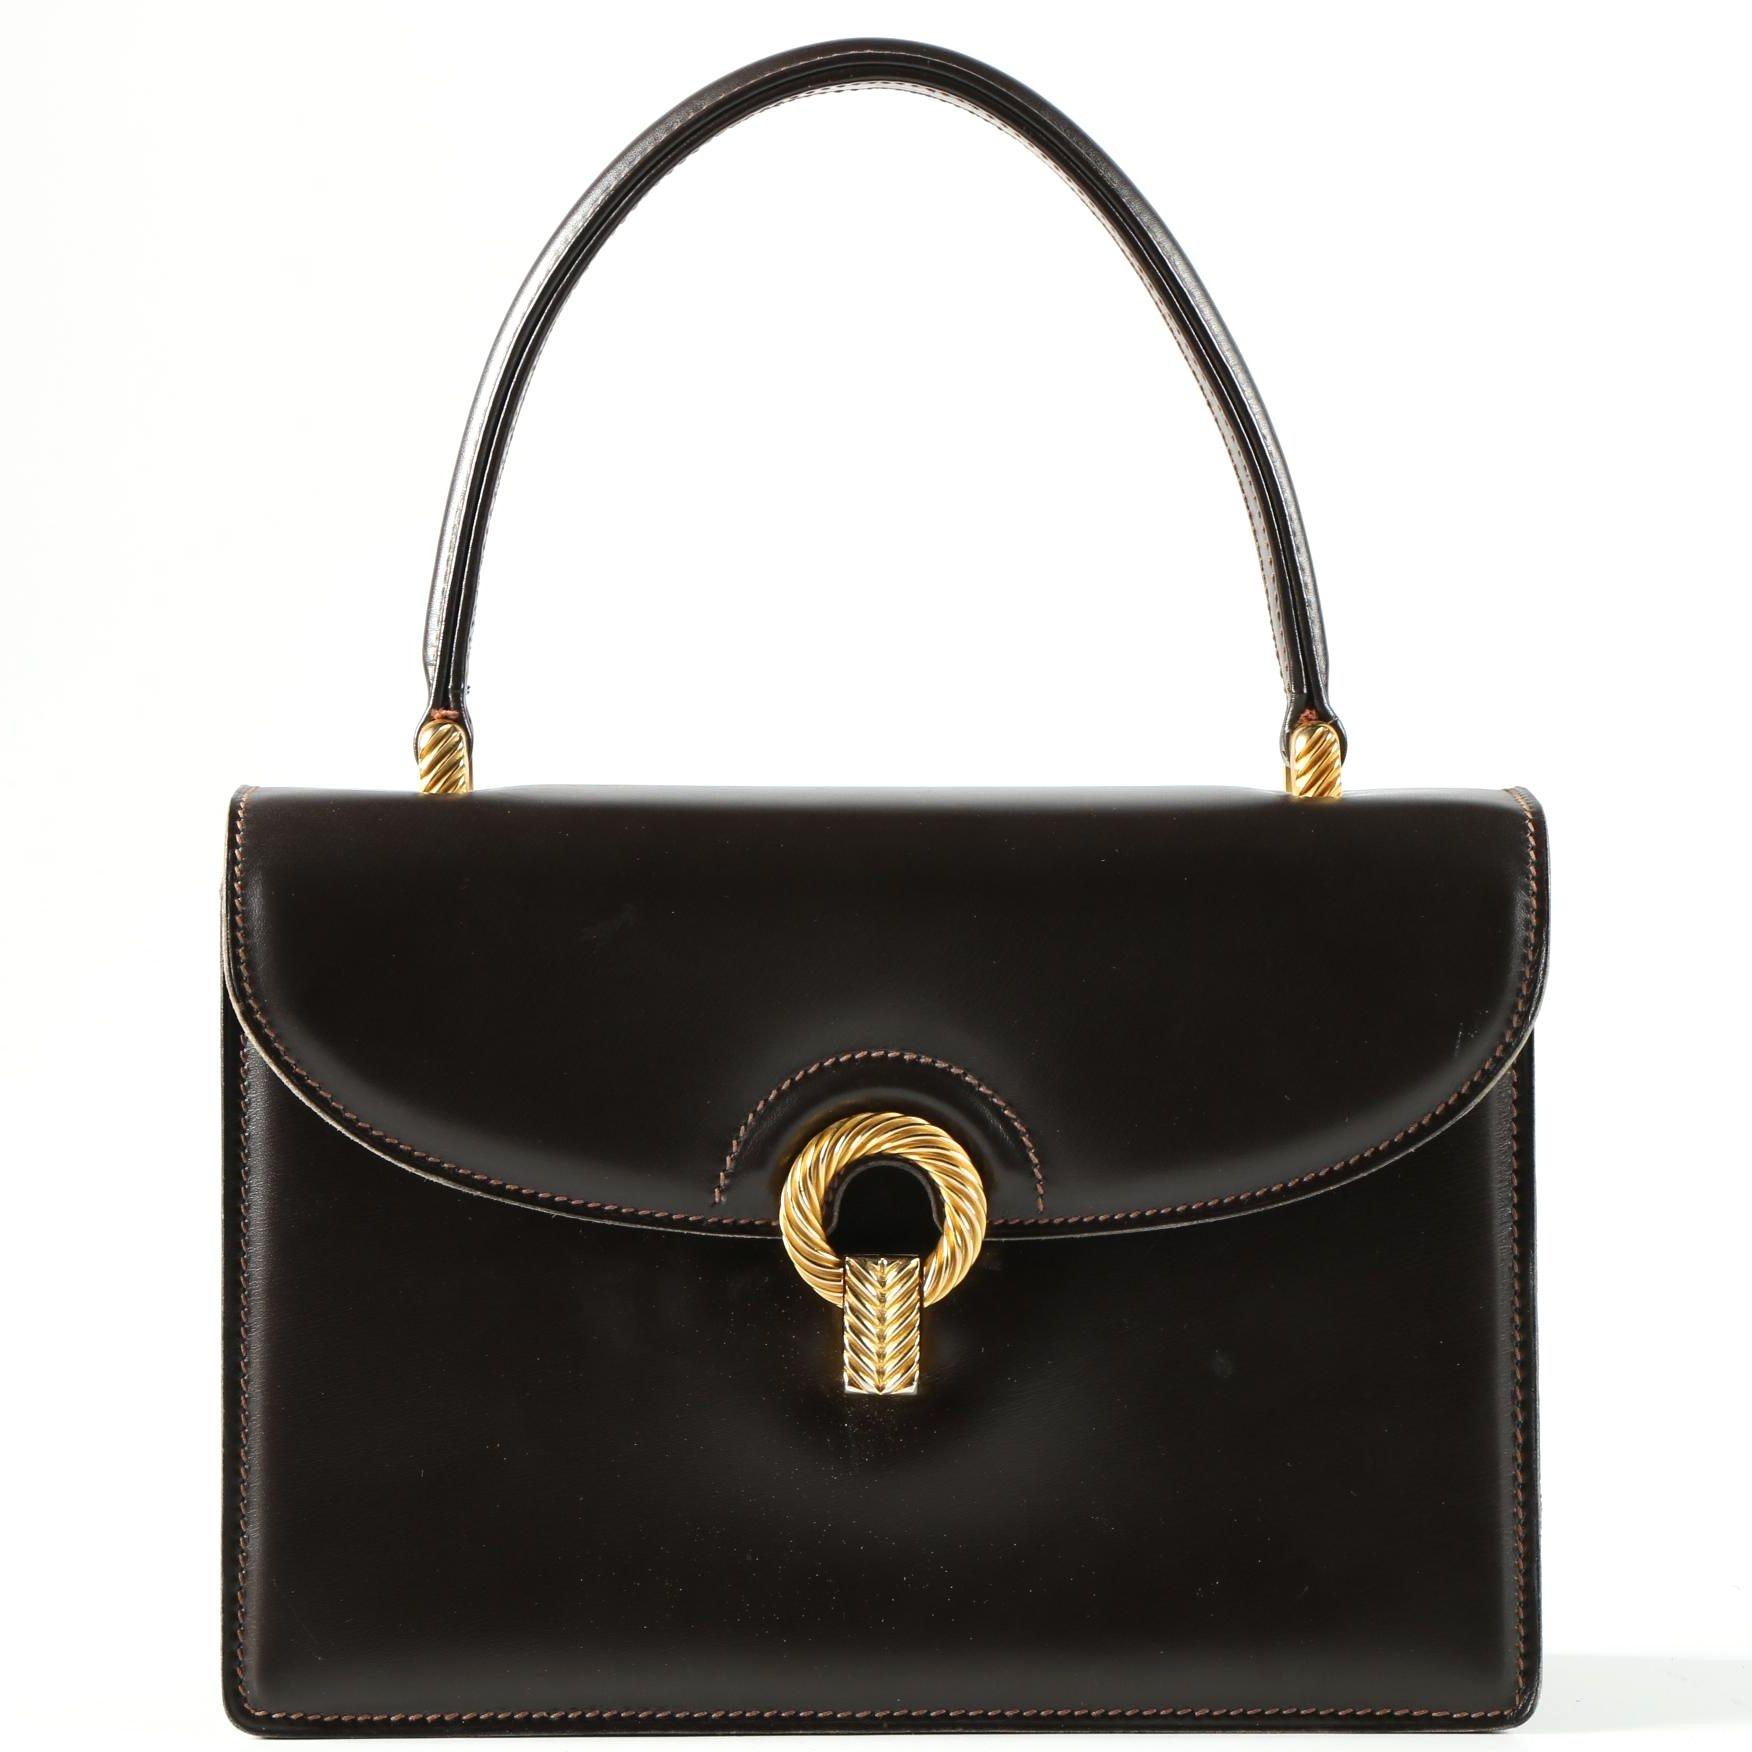 Vintage Gucci Top Handle Handbag